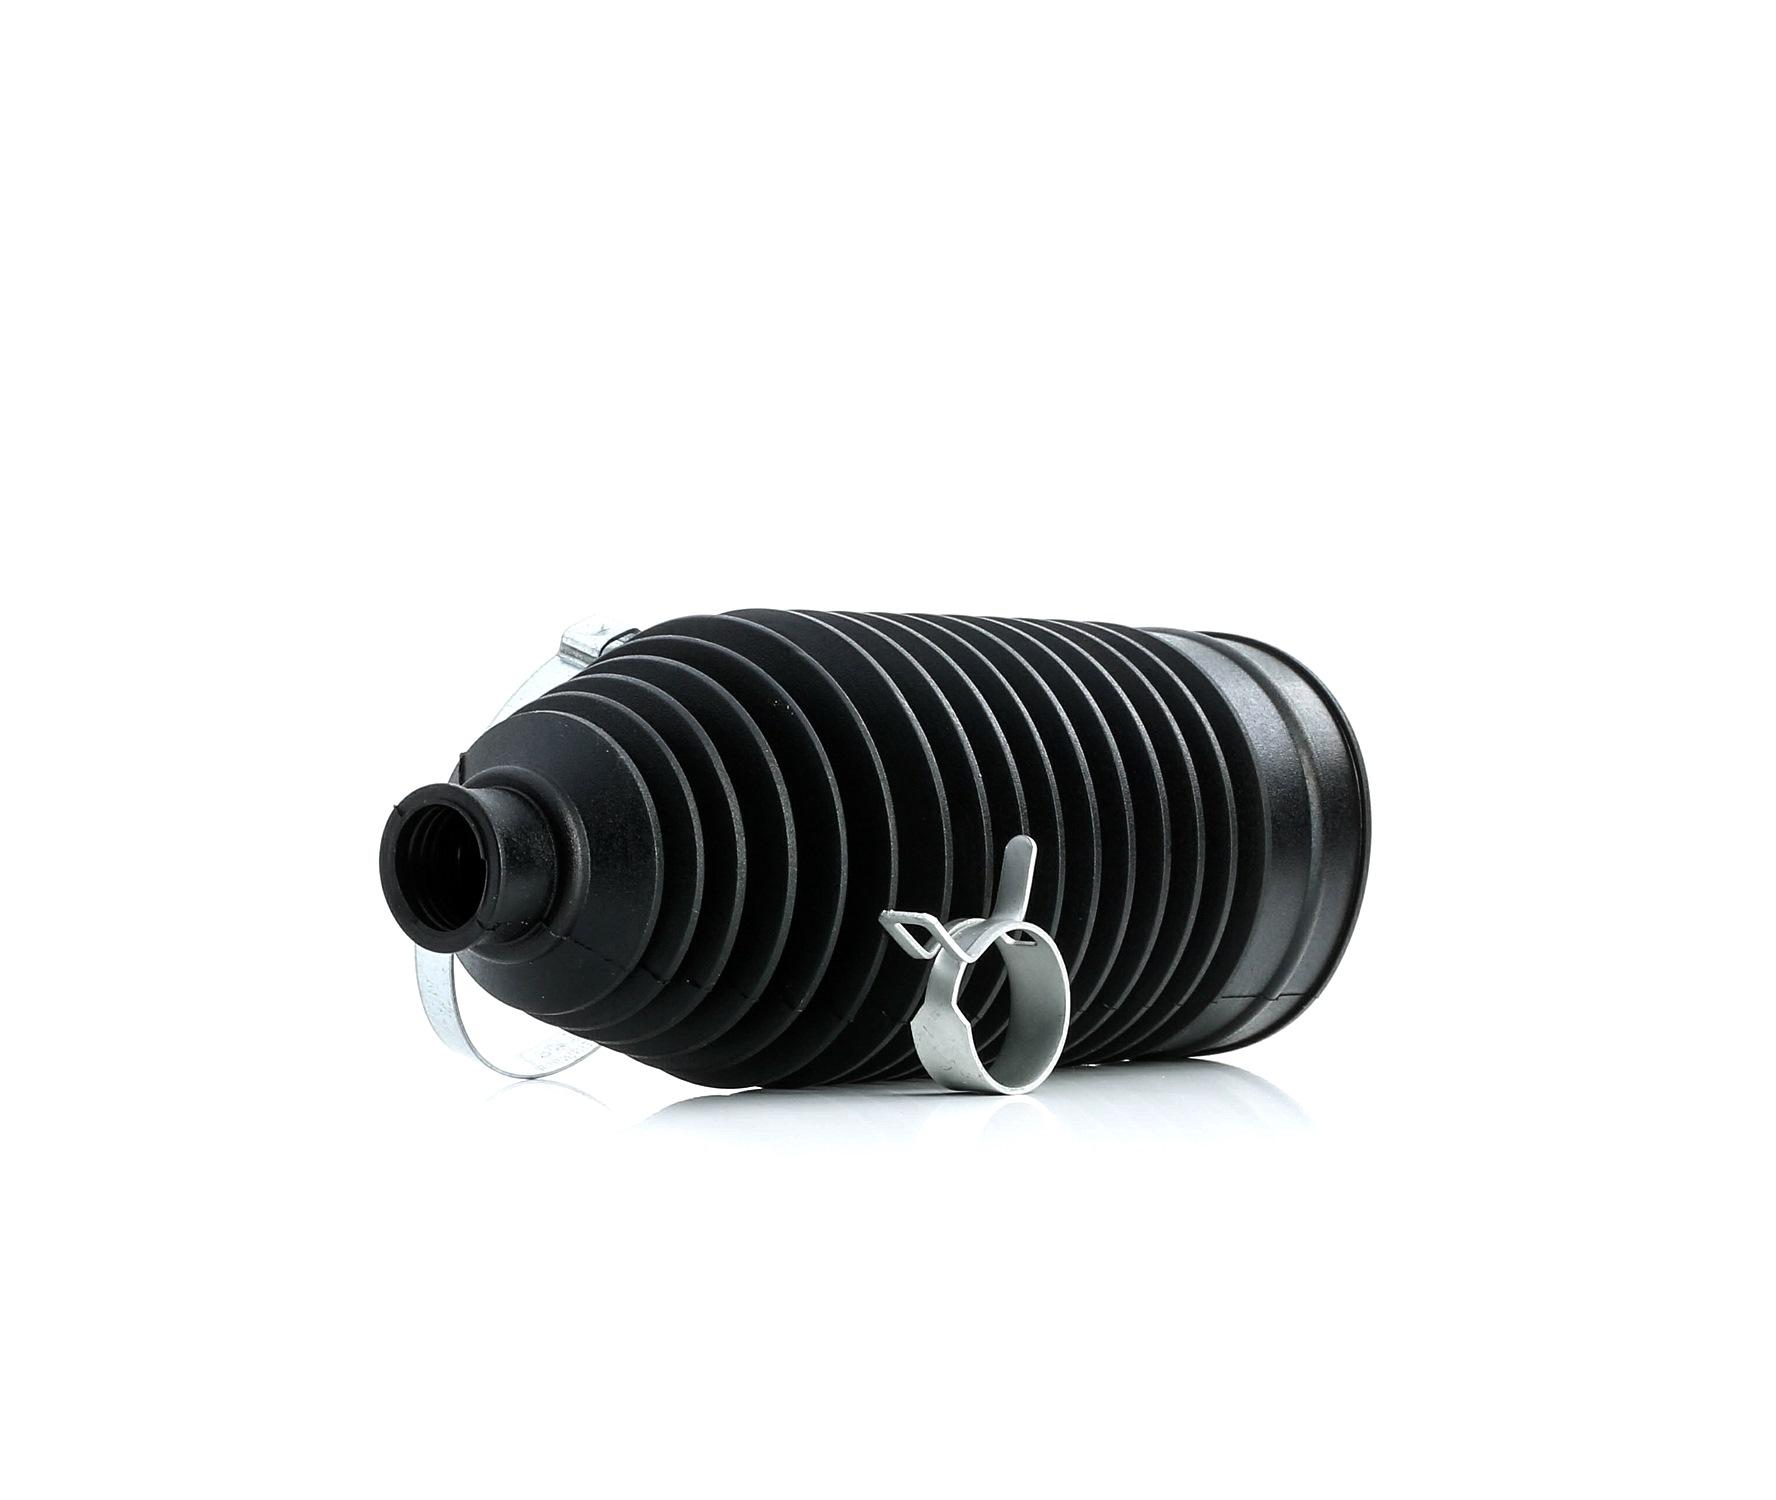 Achetez Kit de soufflet de direction LEMFÖRDER 30209 01 (Diamètre intérieur 2: 17mm, Diamètre intérieur 2: 60mm) à un rapport qualité-prix exceptionnel